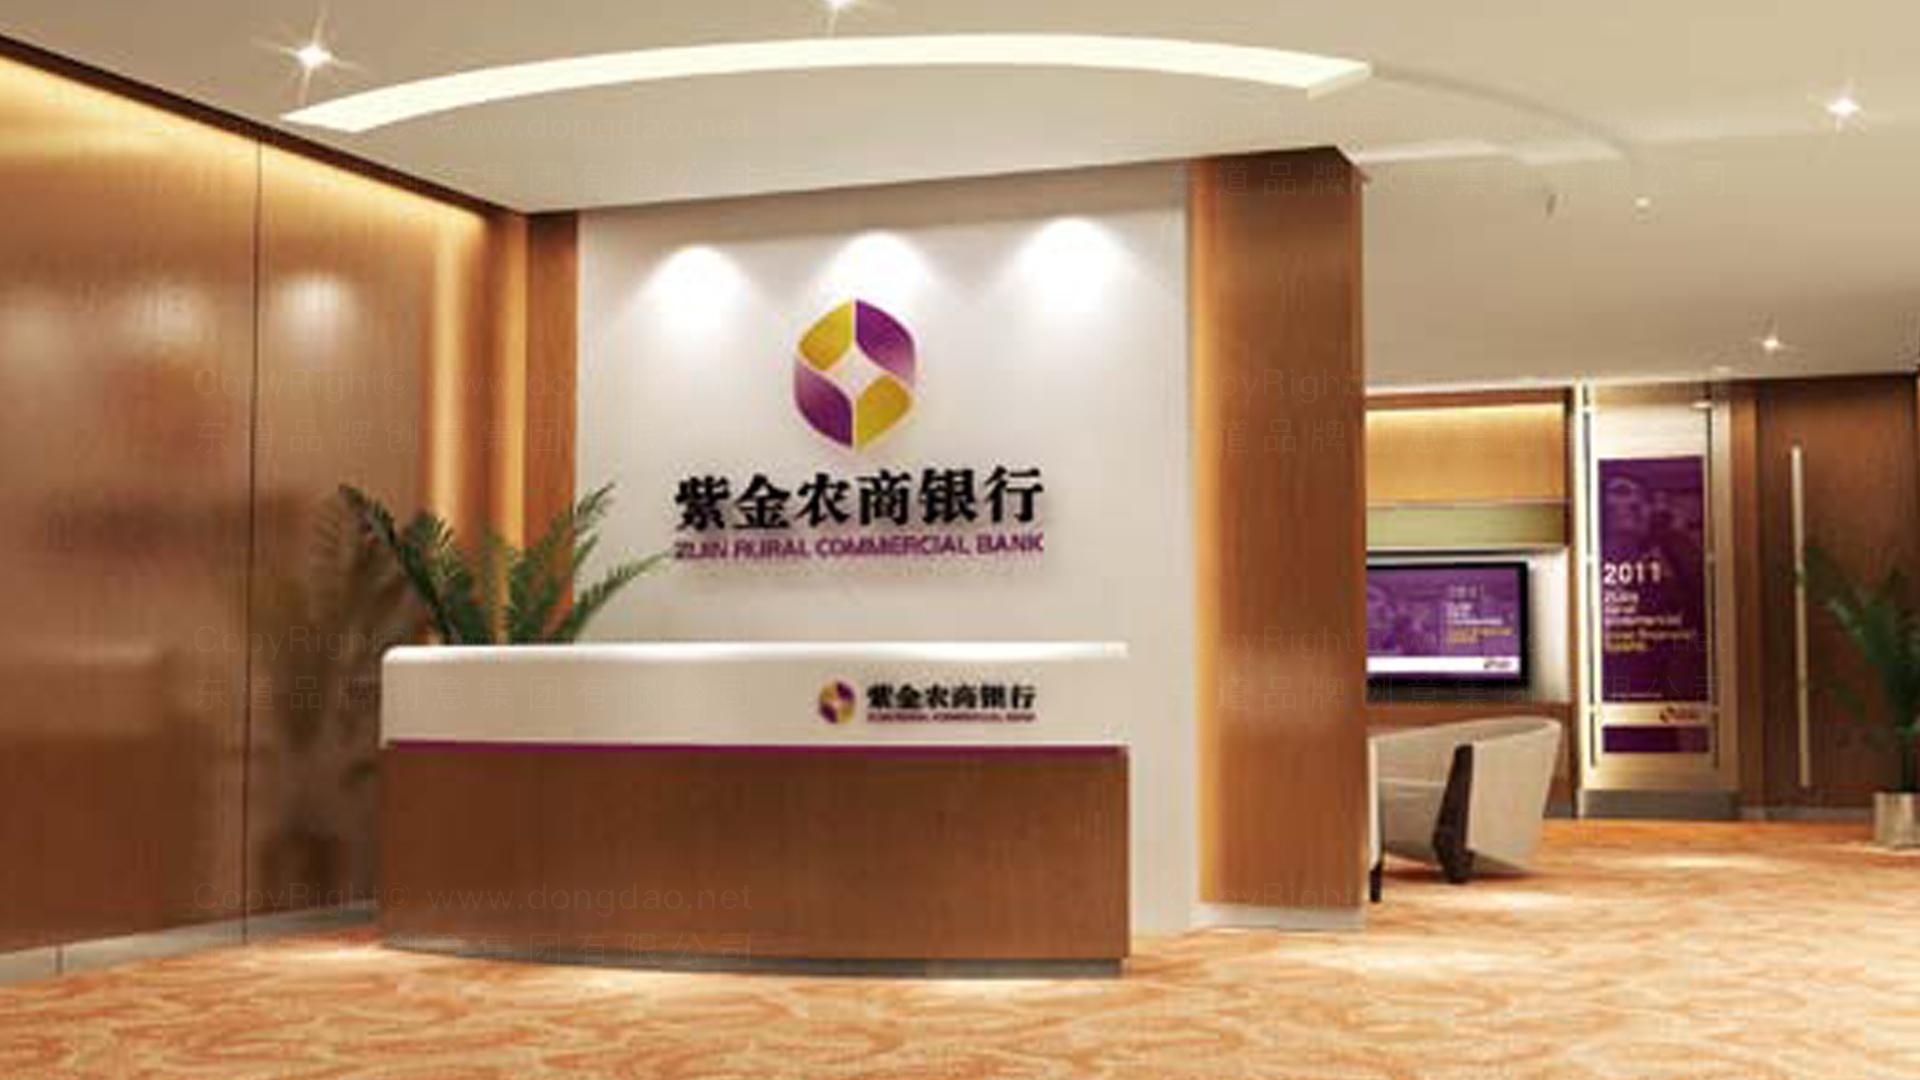 商业空间&导示紫金银行SI设计应用